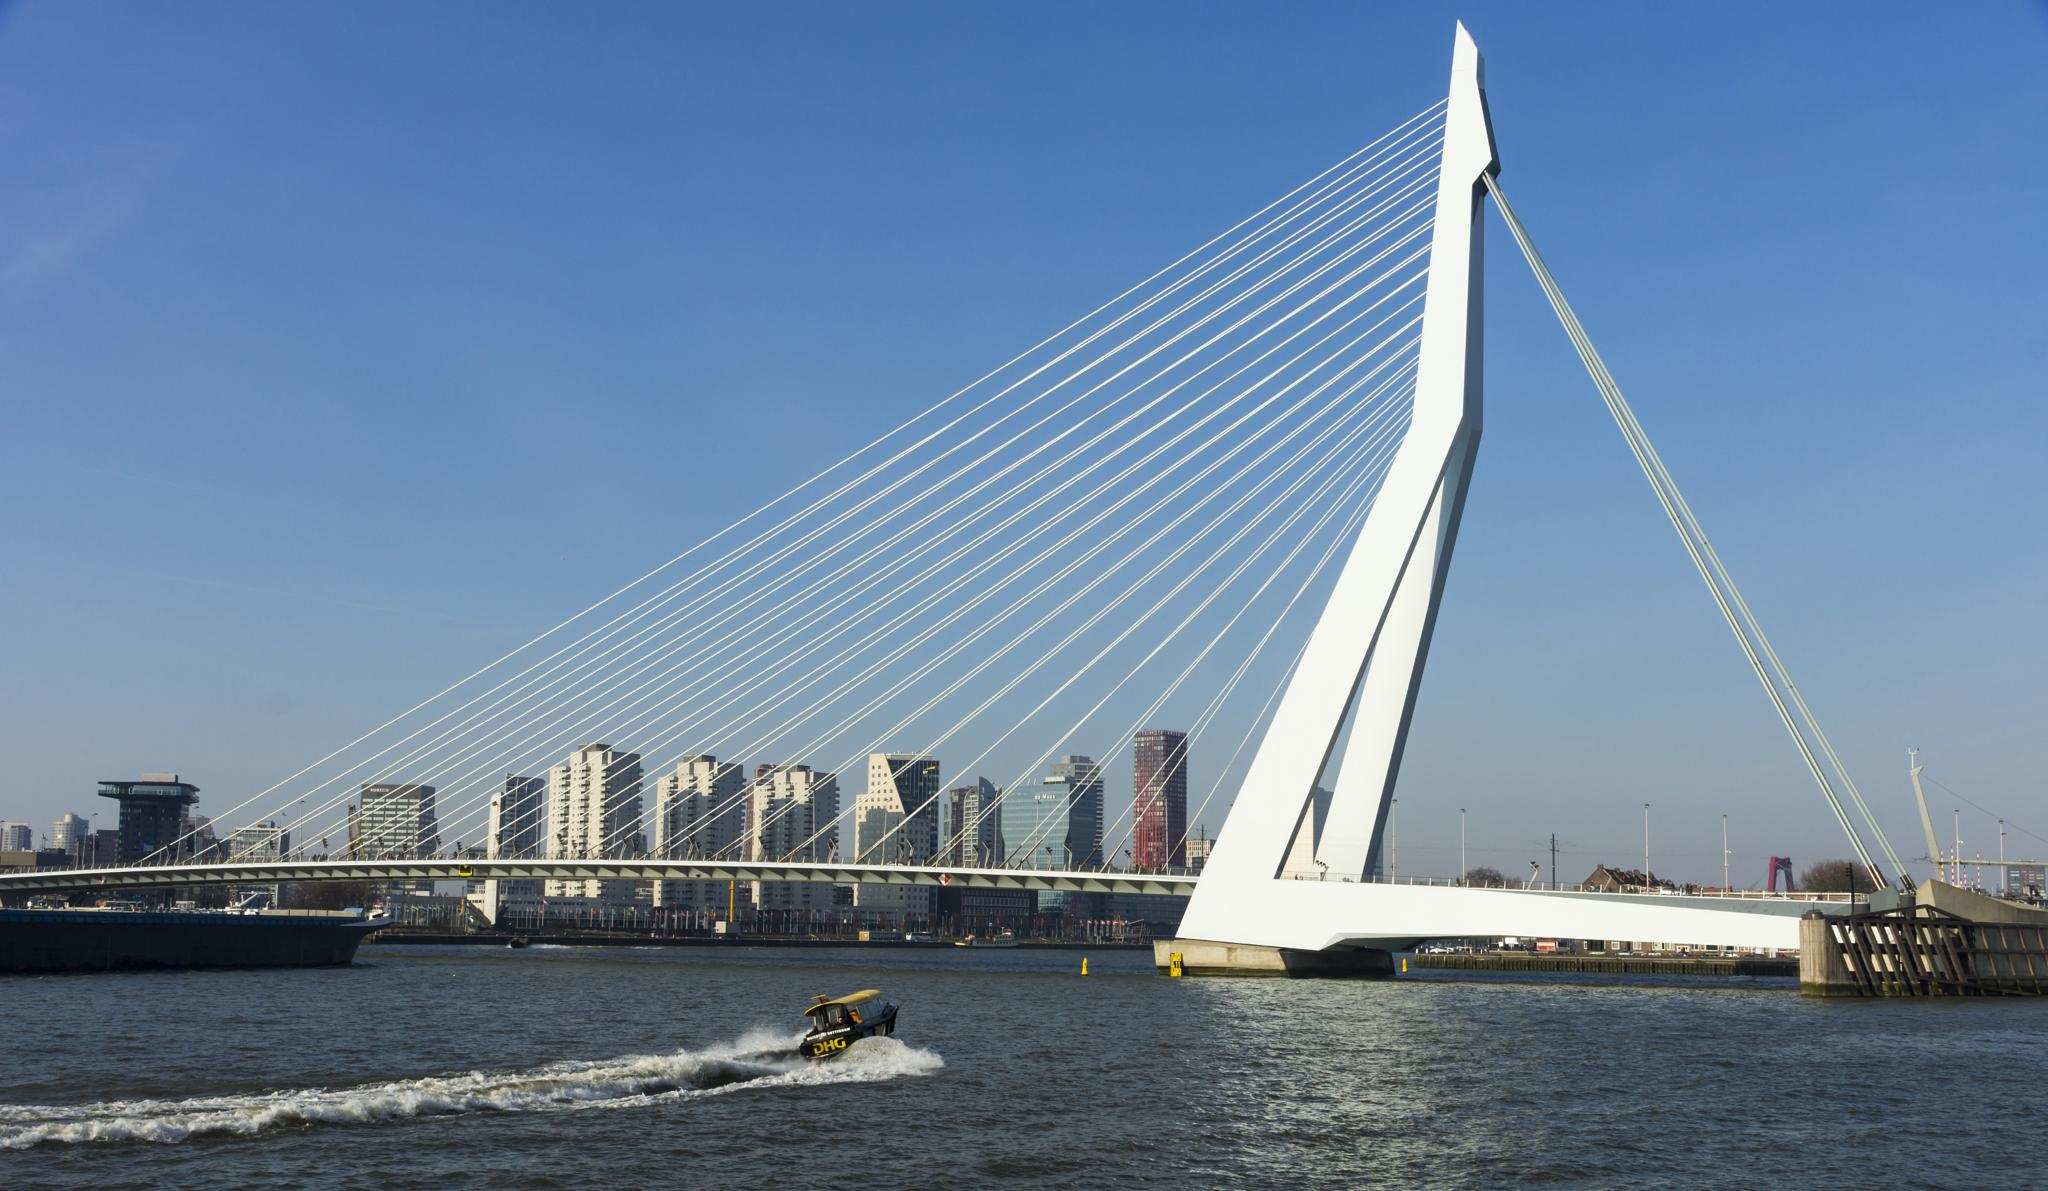 The Bridge by Rob van der Griend